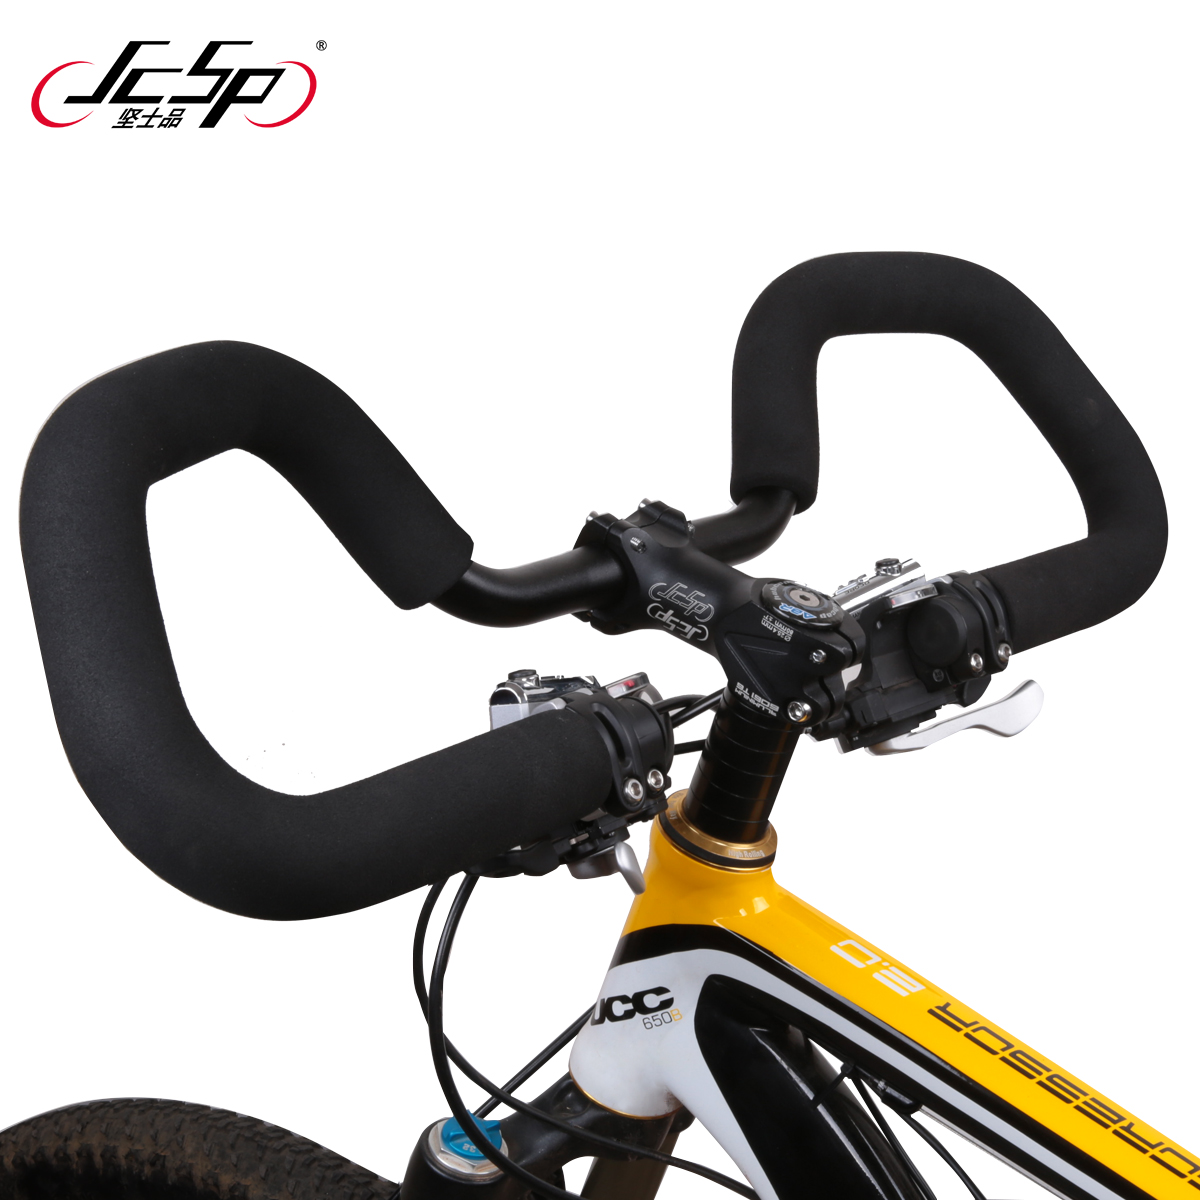 JCSP на открытом воздухе движение верховая езда путешествие машину руль бабочка поставить горный велосипед велосипед нулю монтаж группа